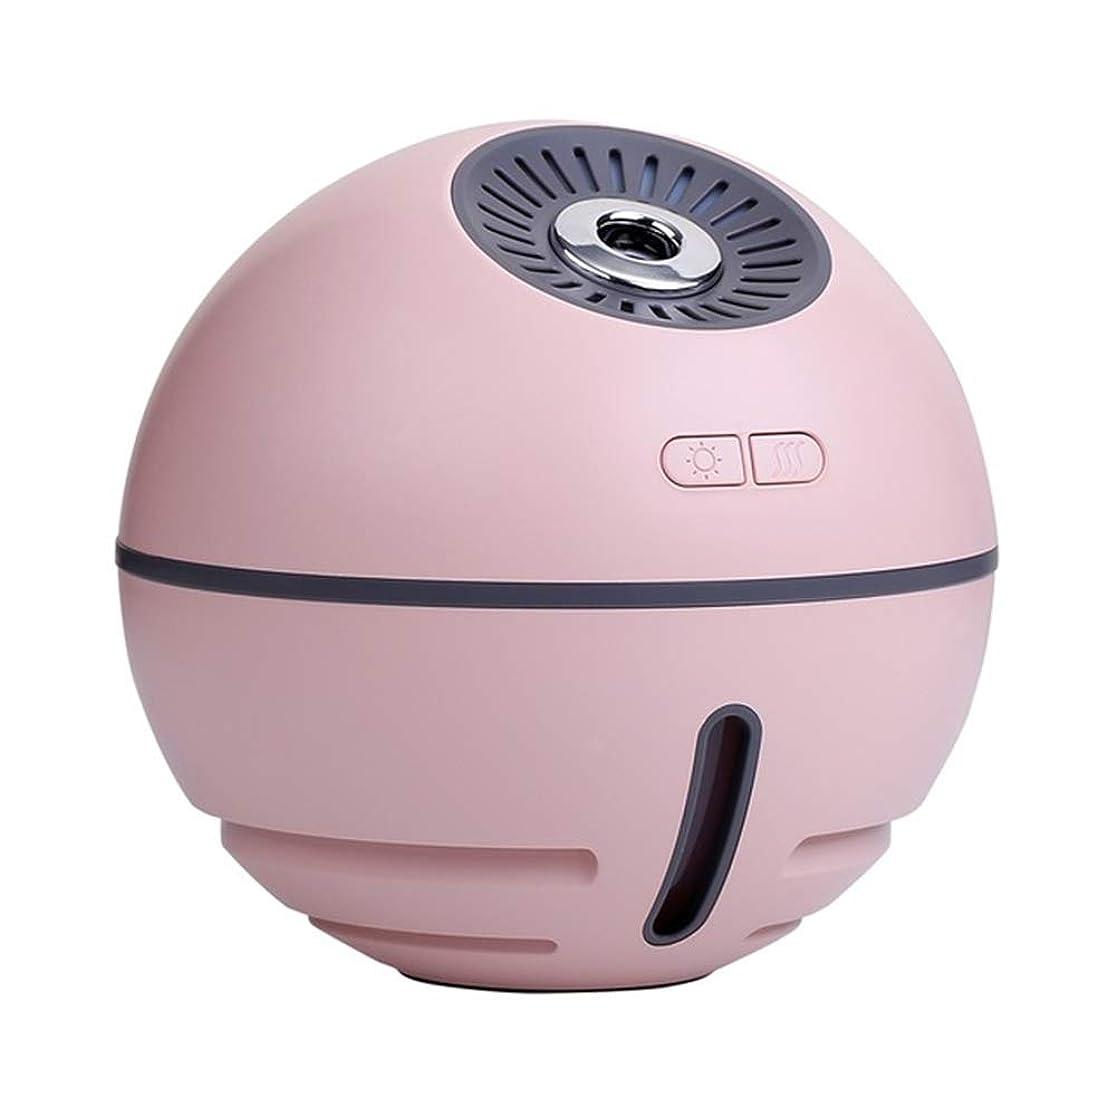 知るオープニング項目空気加湿器で4inch充電式2000mA内蔵リチウム電池ミニアロマ加湿器ディフューザー,Pink